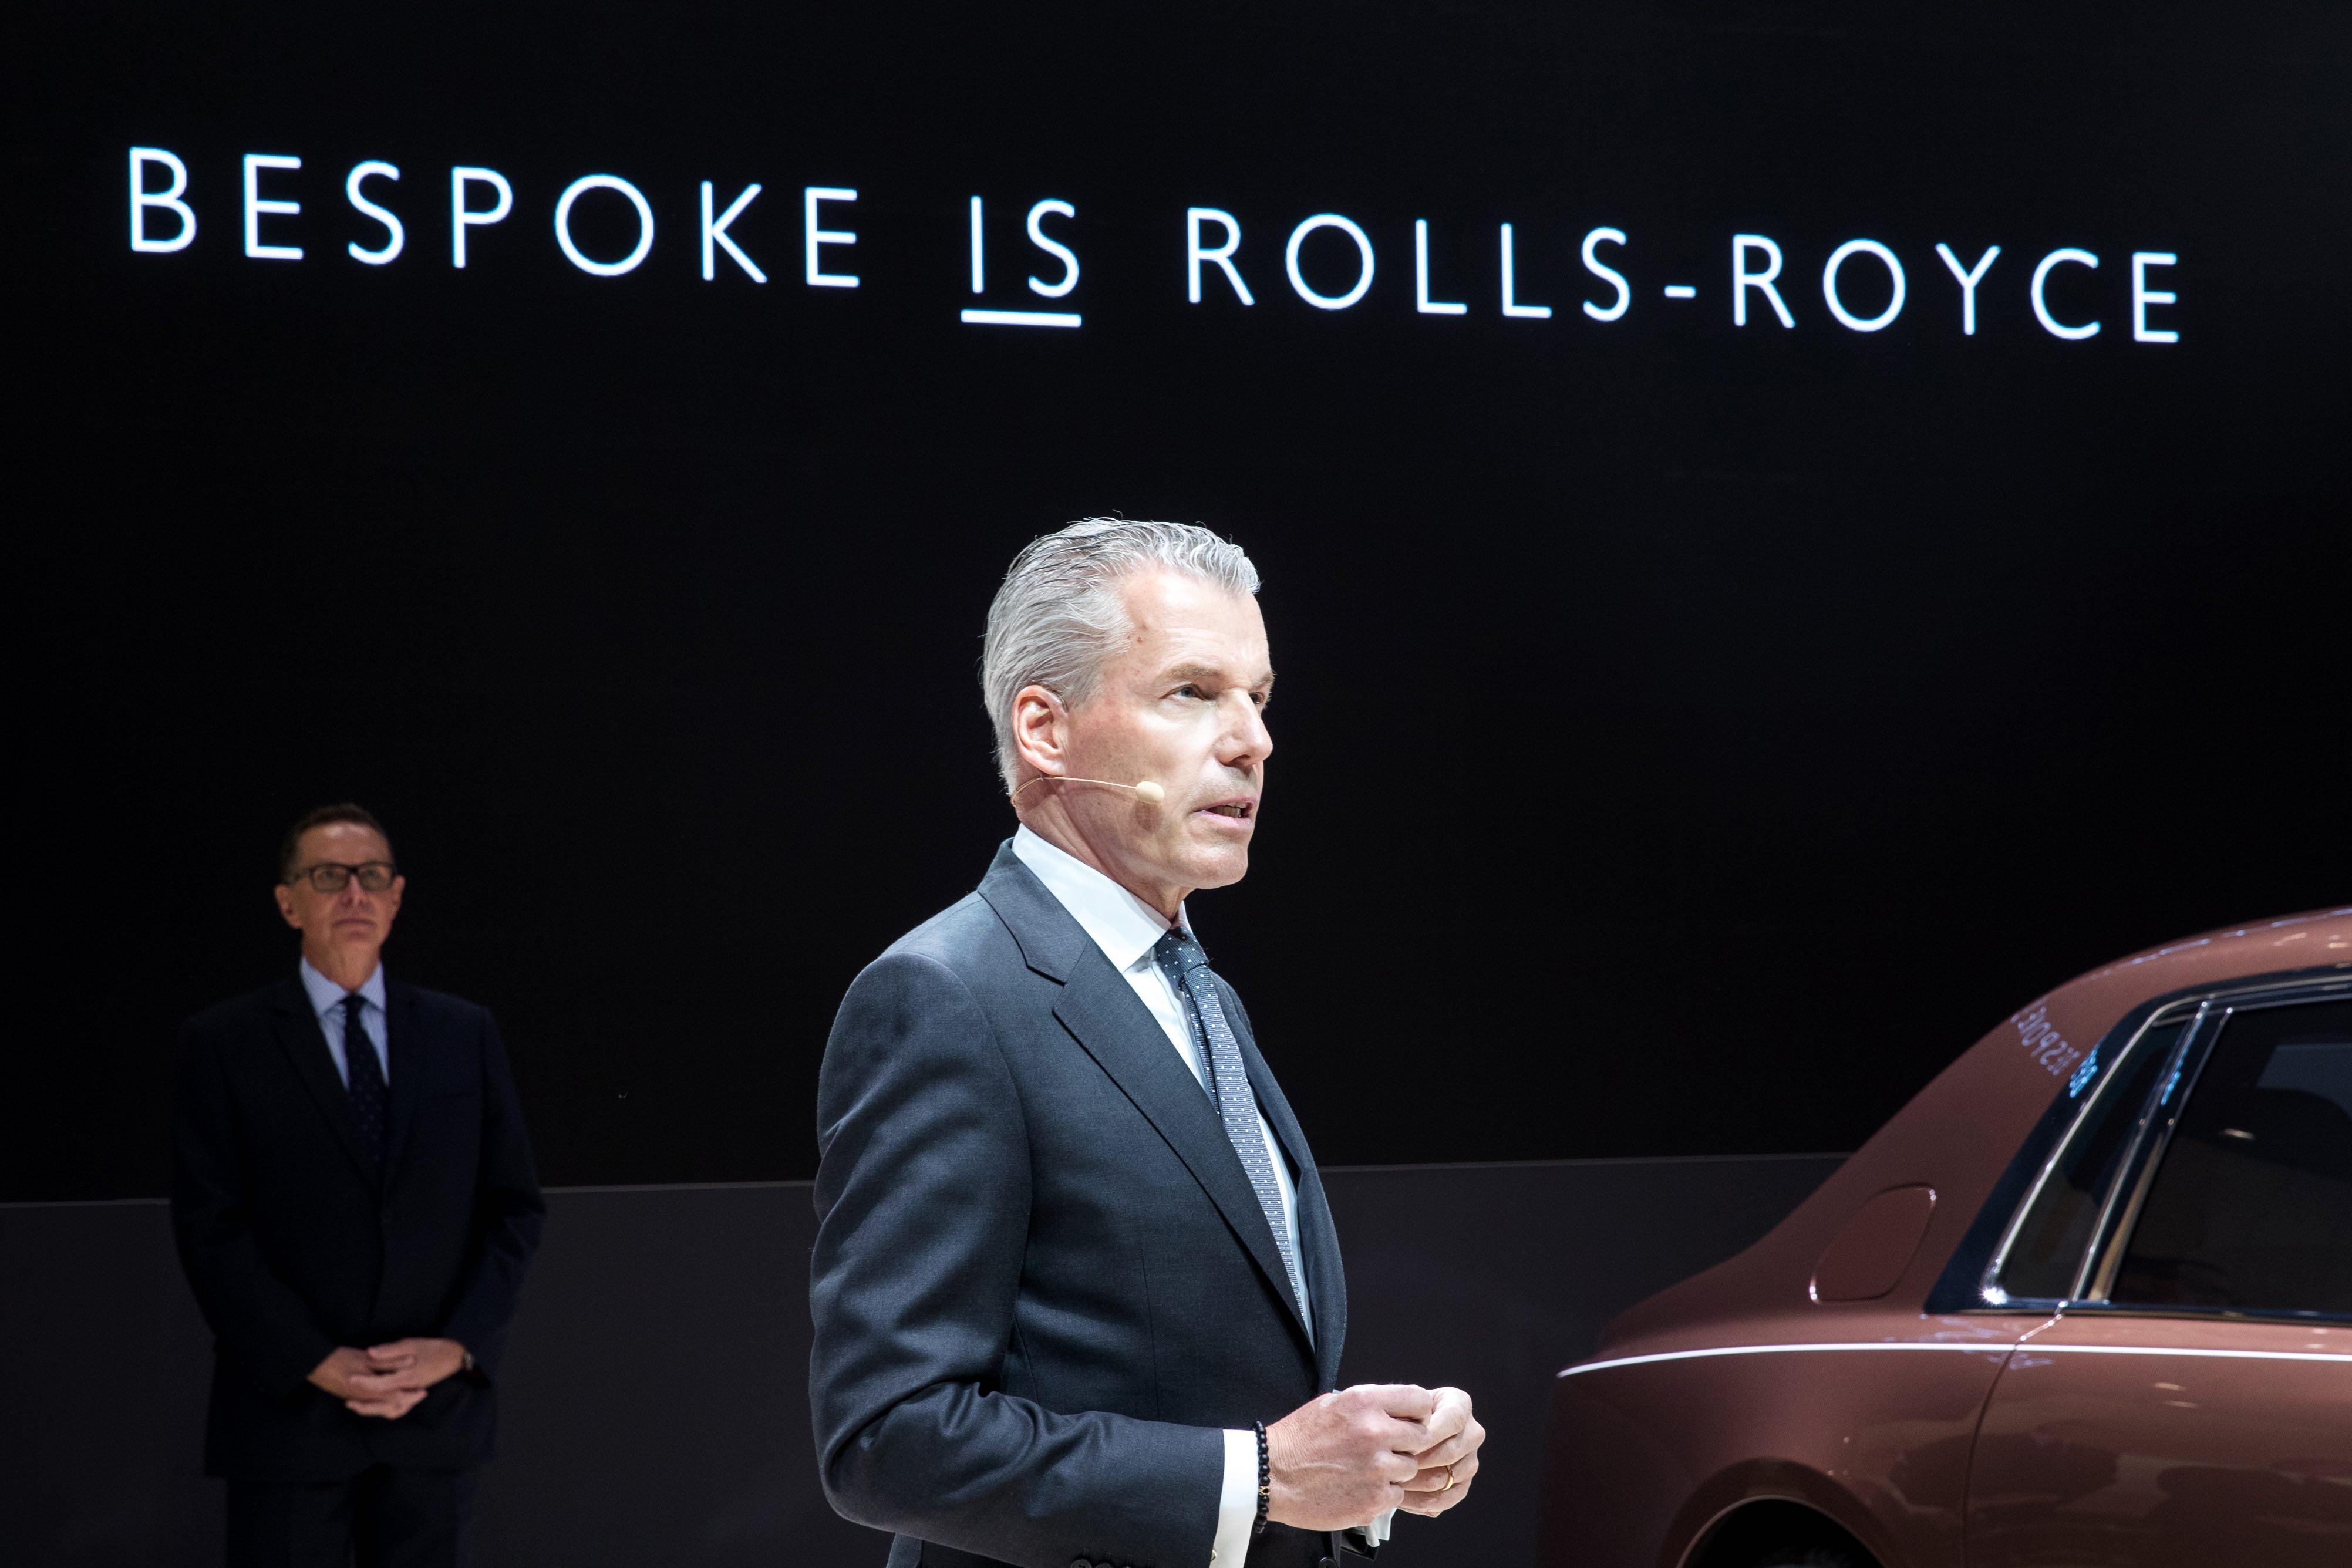 【新闻图片】劳斯莱斯汽车首席执行官托斯顿·穆勒·乌特弗斯致辞